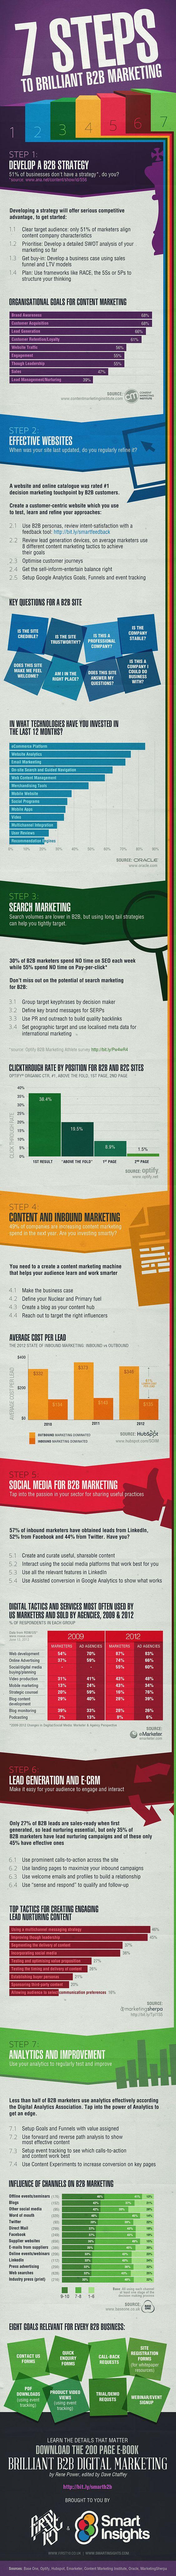 Sete passos para o sucesso em Marketing B2B - Estratégia, Site, SEM, Conteúdo, Mídias Sociais, Lead, Métricas